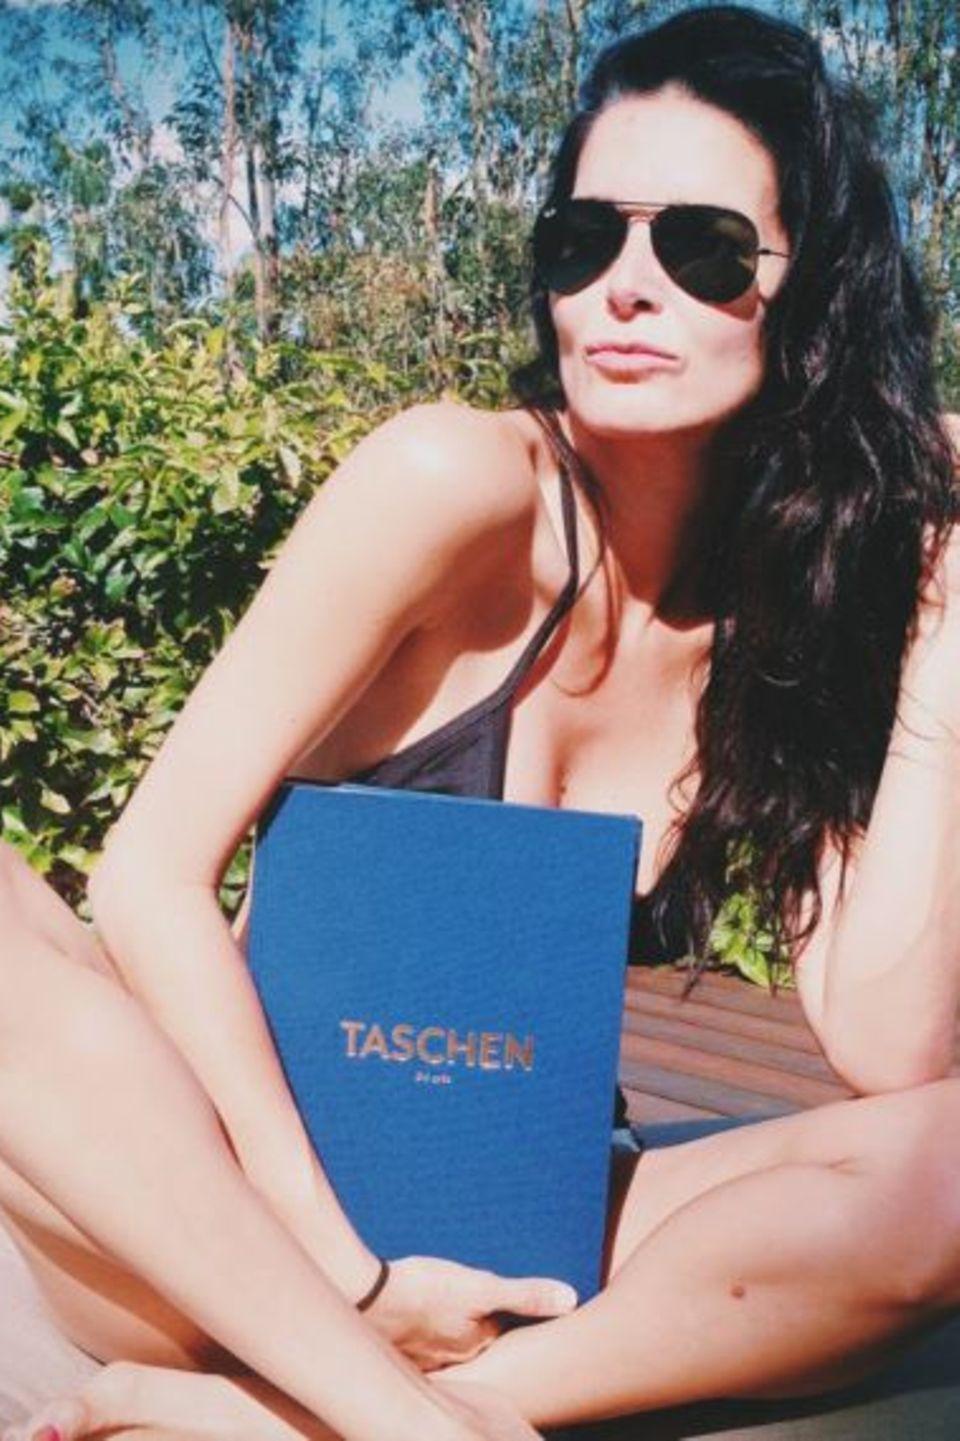 Angie Harmon macht es sich mit ihrem Taschenbuch in der Sonne gemütlich.